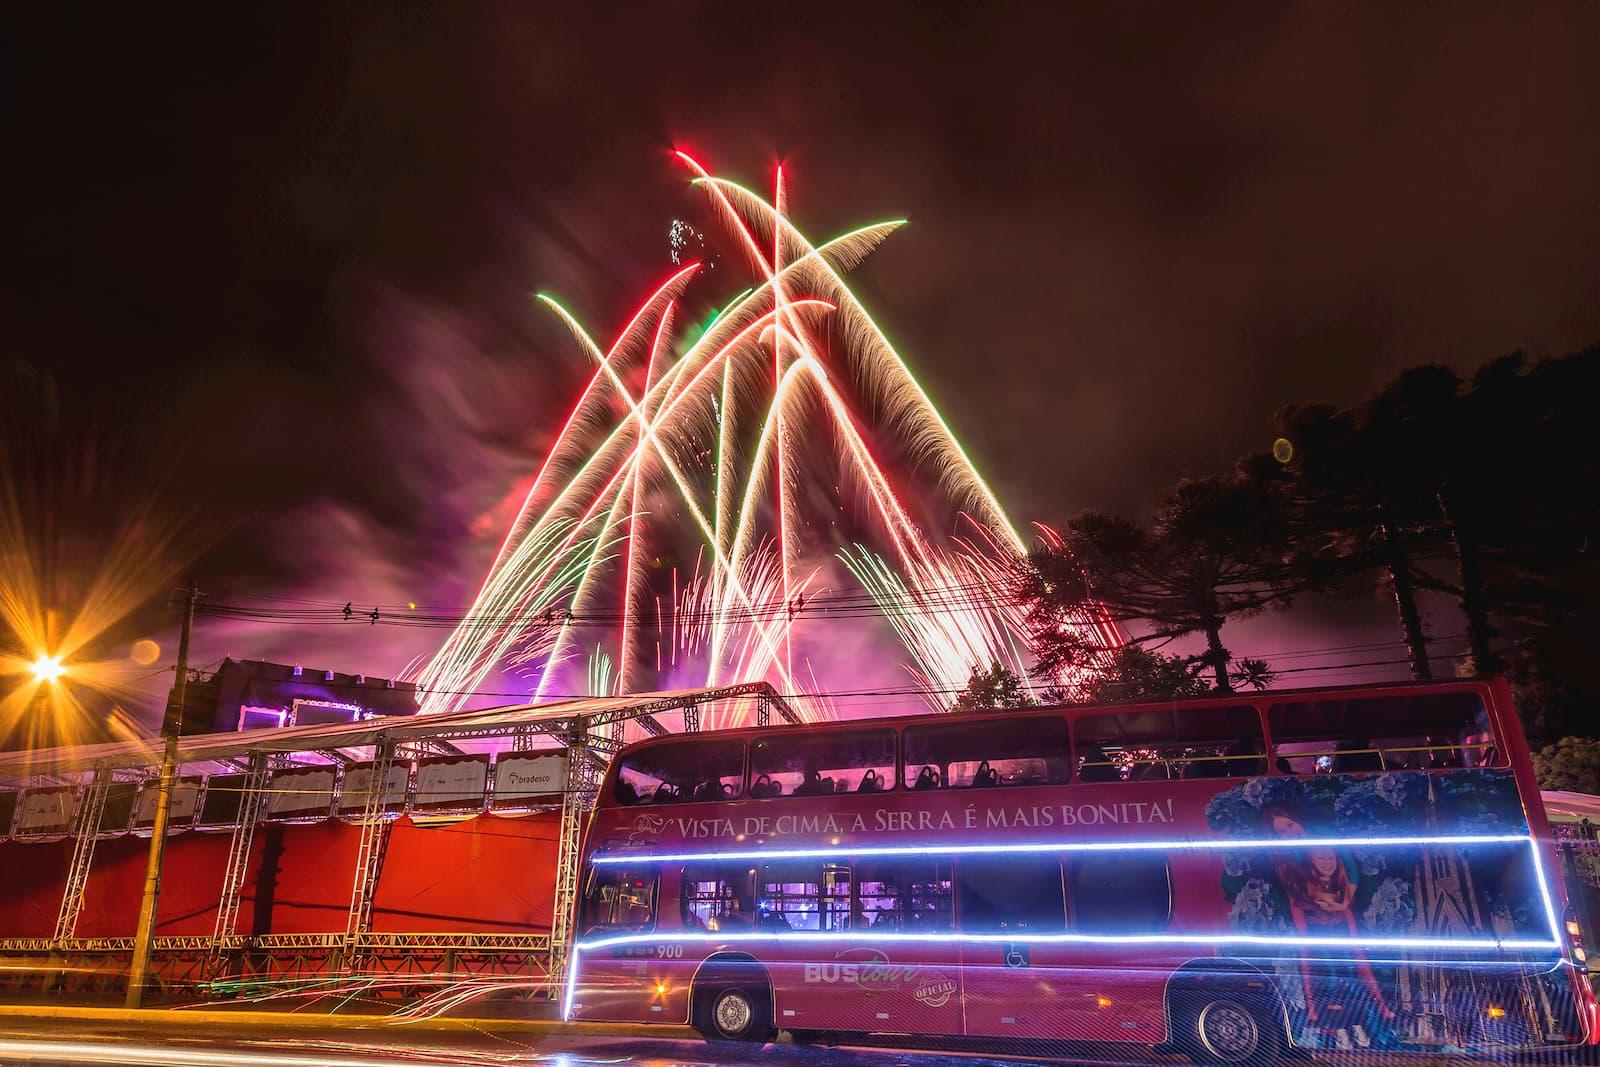 bus tour em meio ao illumination